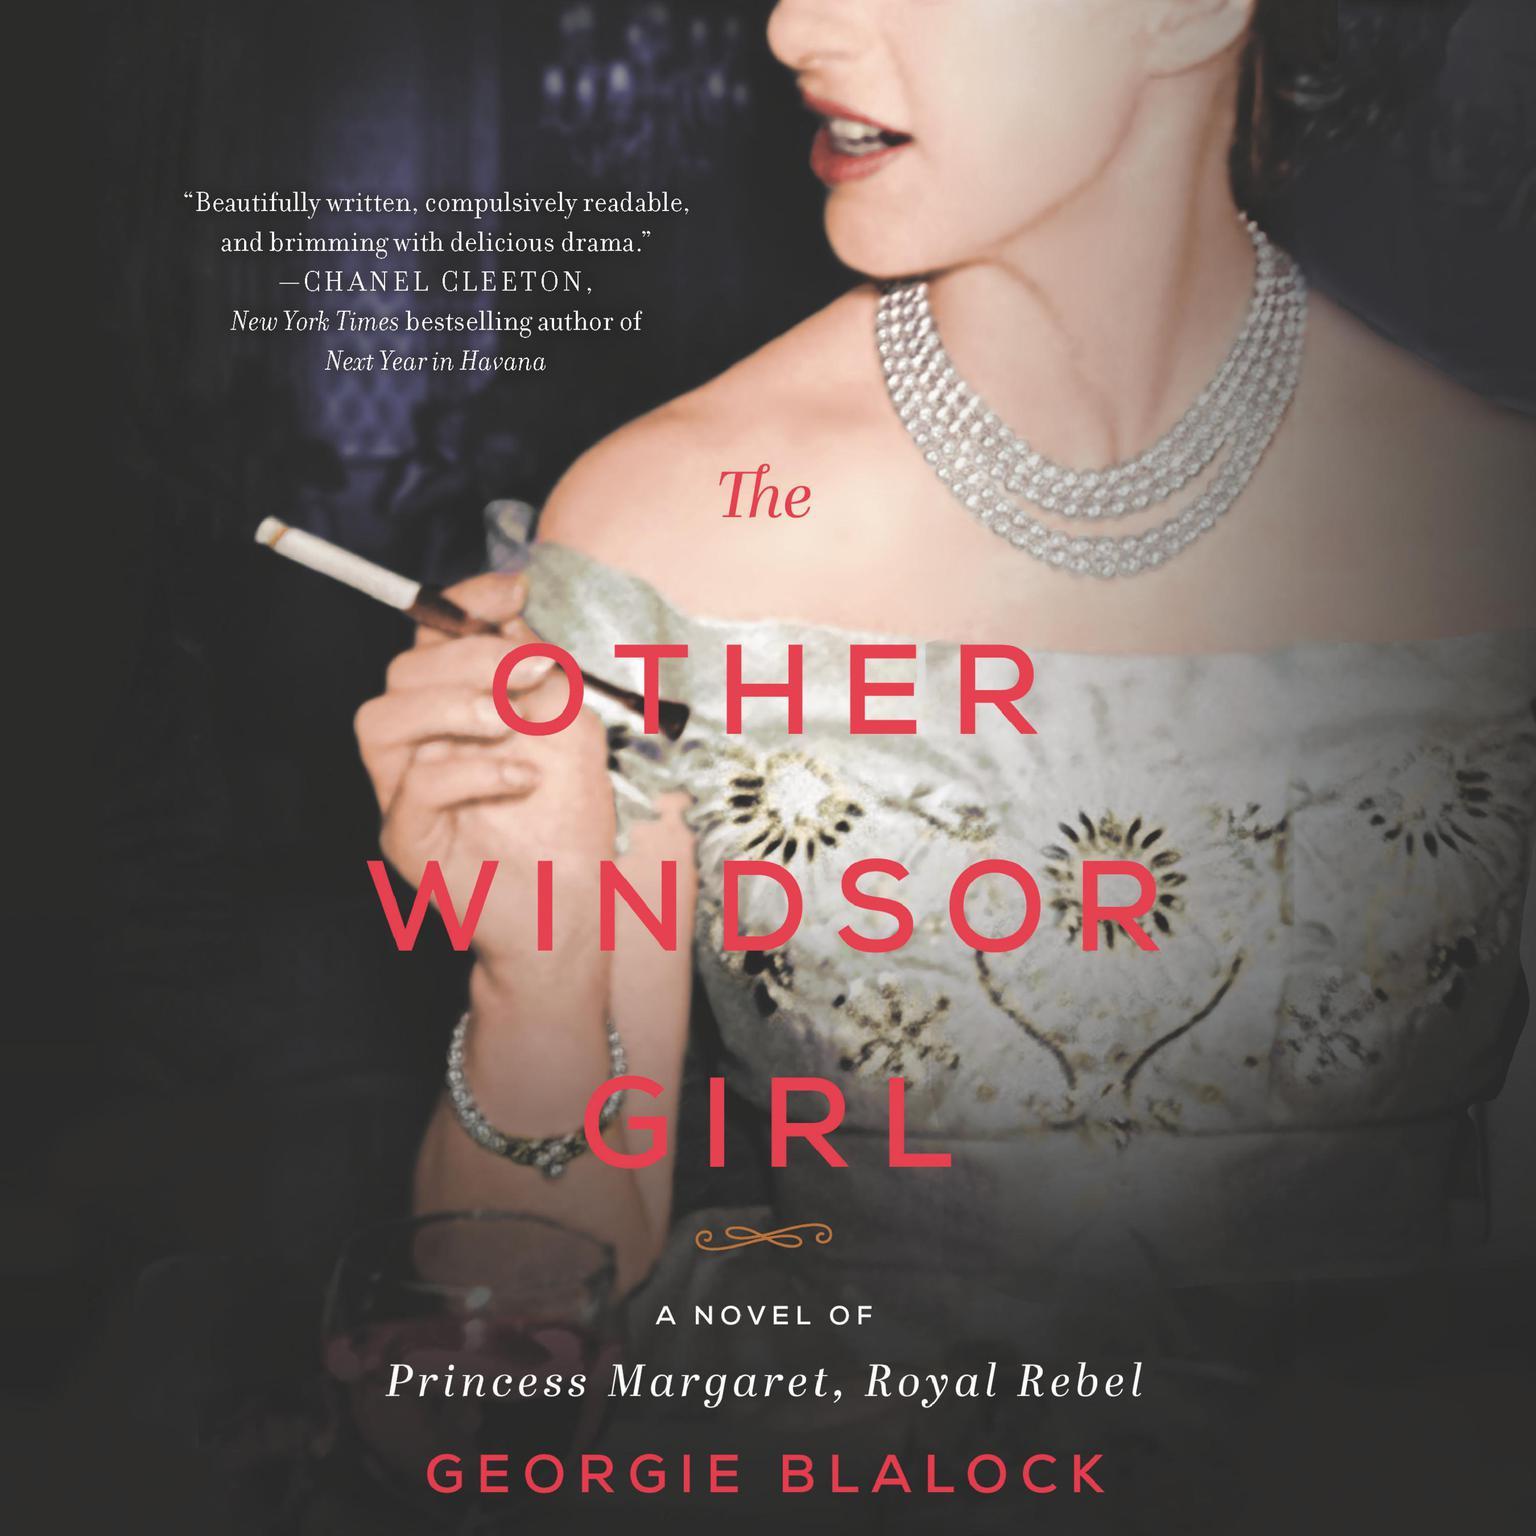 Printable The Other Windsor Girl: A Novel of Princess Margaret, Royal Rebel Audiobook Cover Art